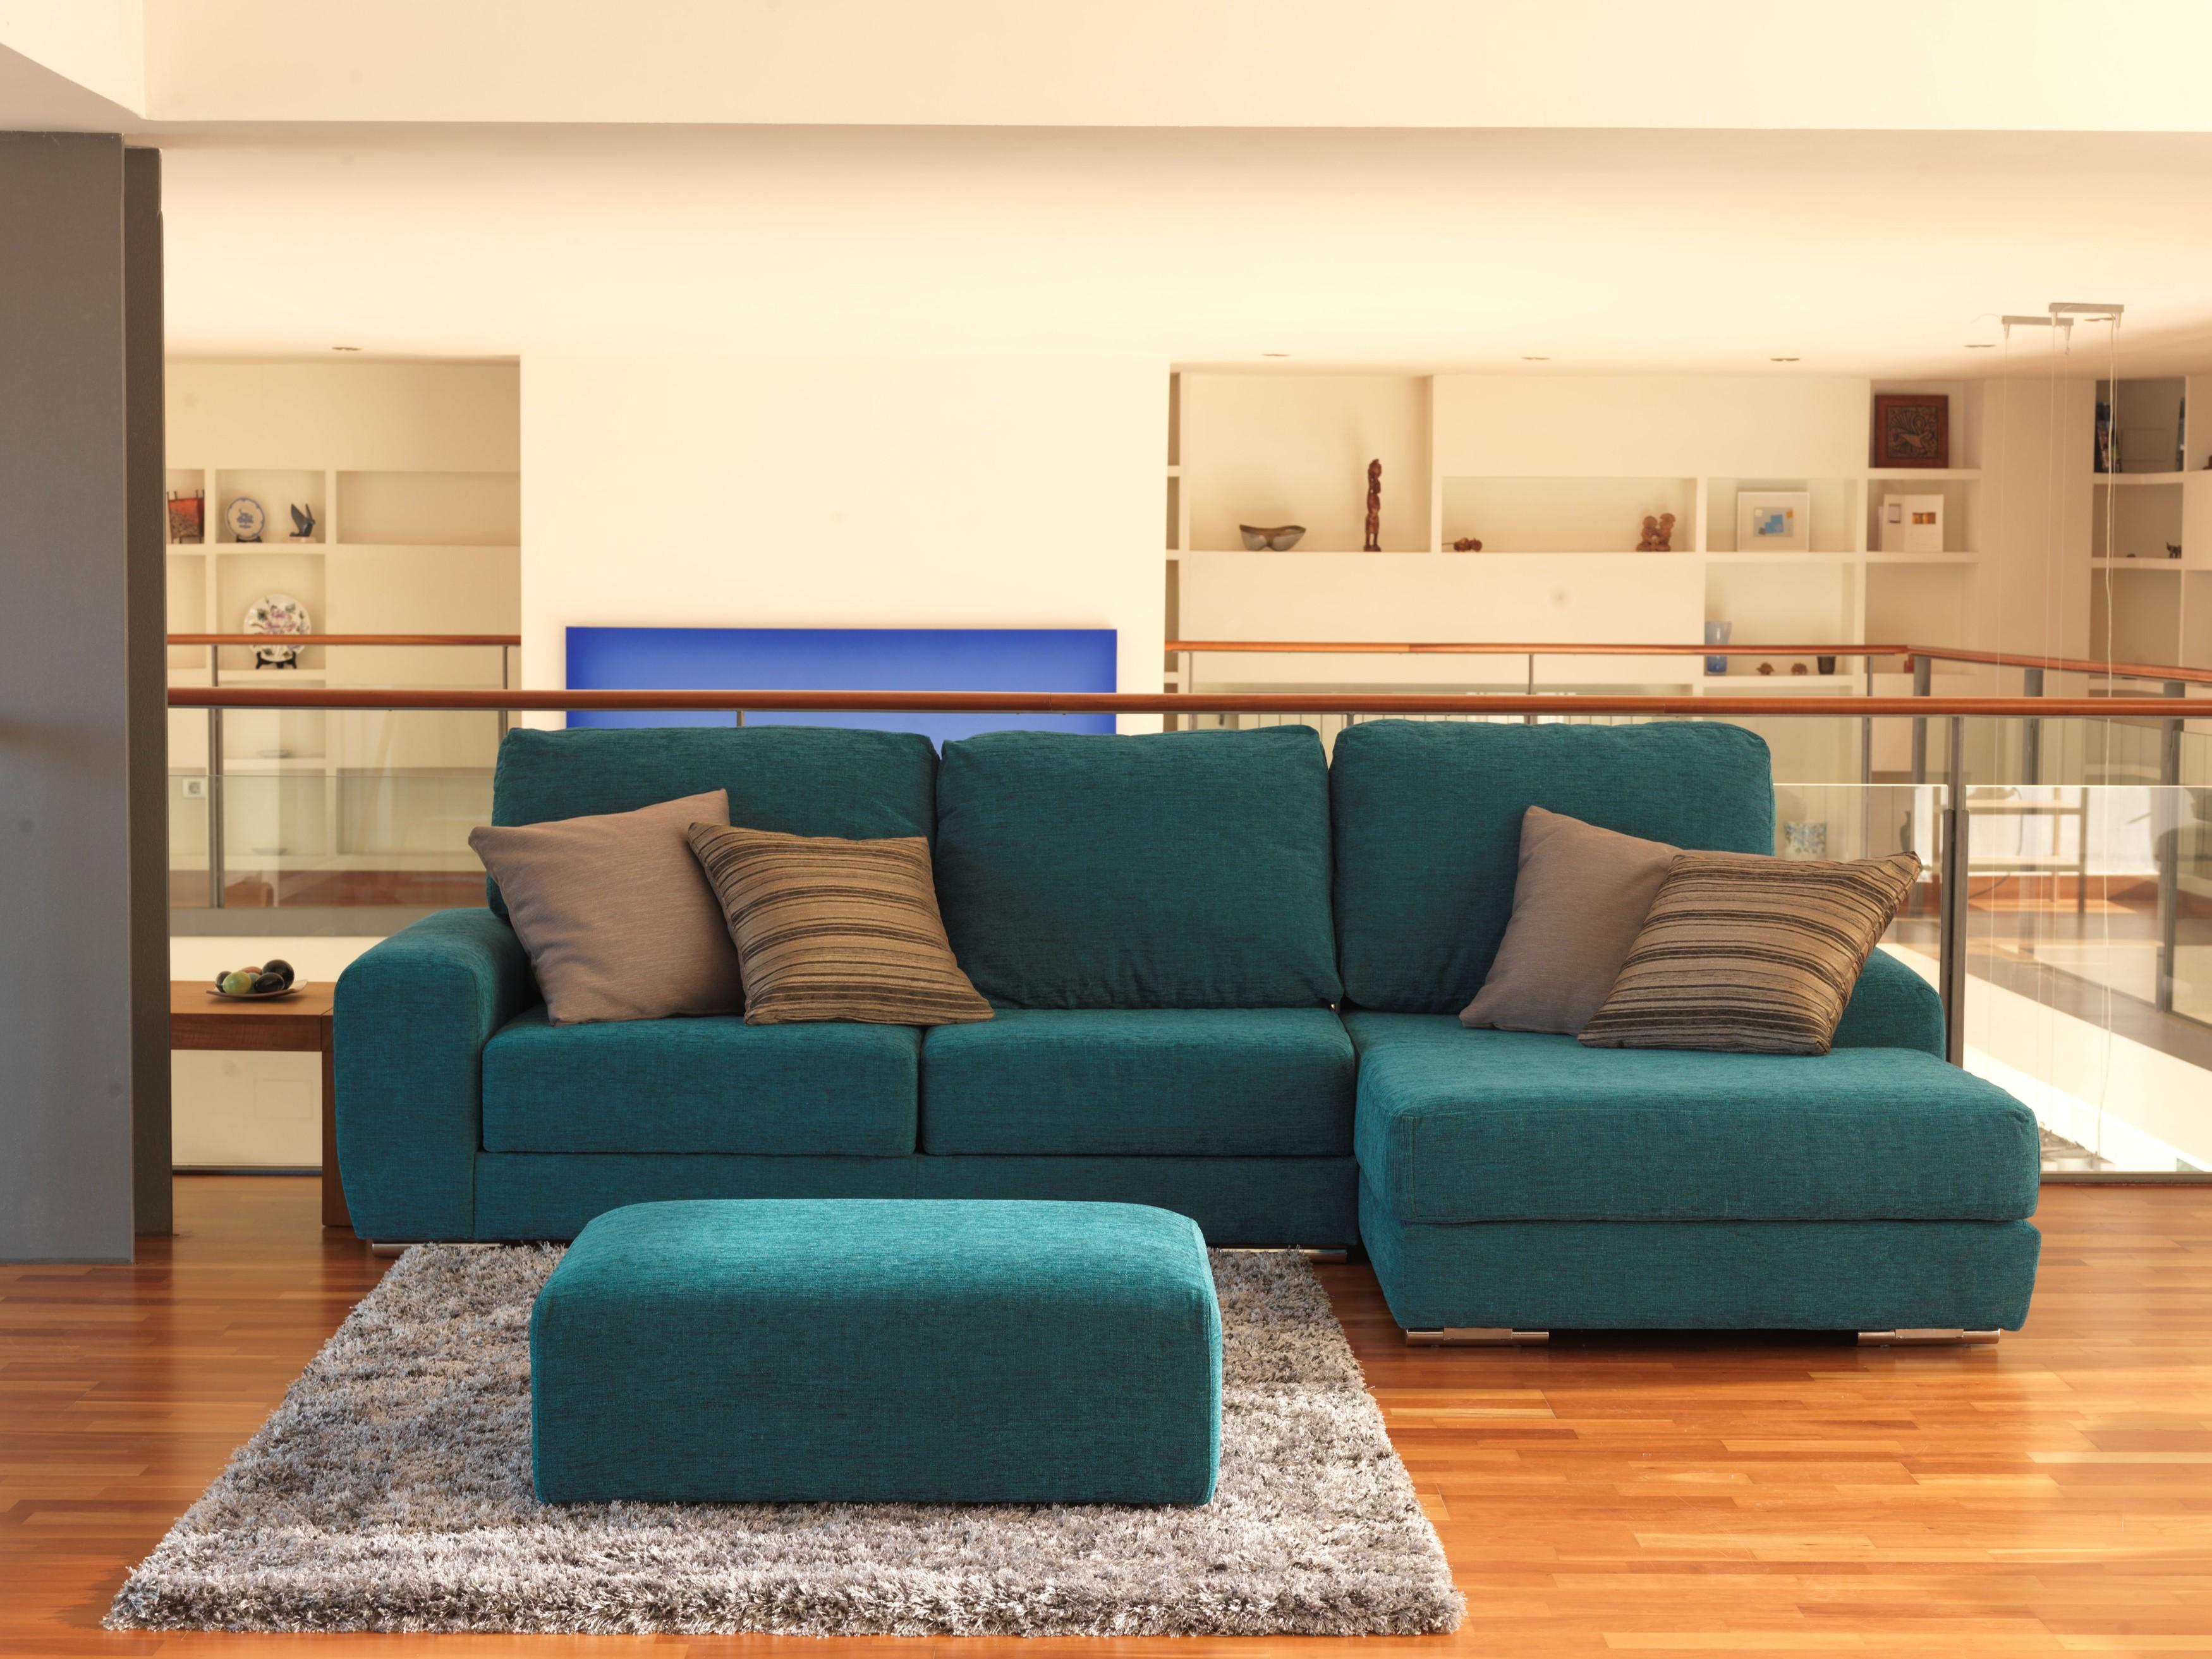 Claves para elegir telas en decoraci n ii aspectos a - Colores de sofas ...